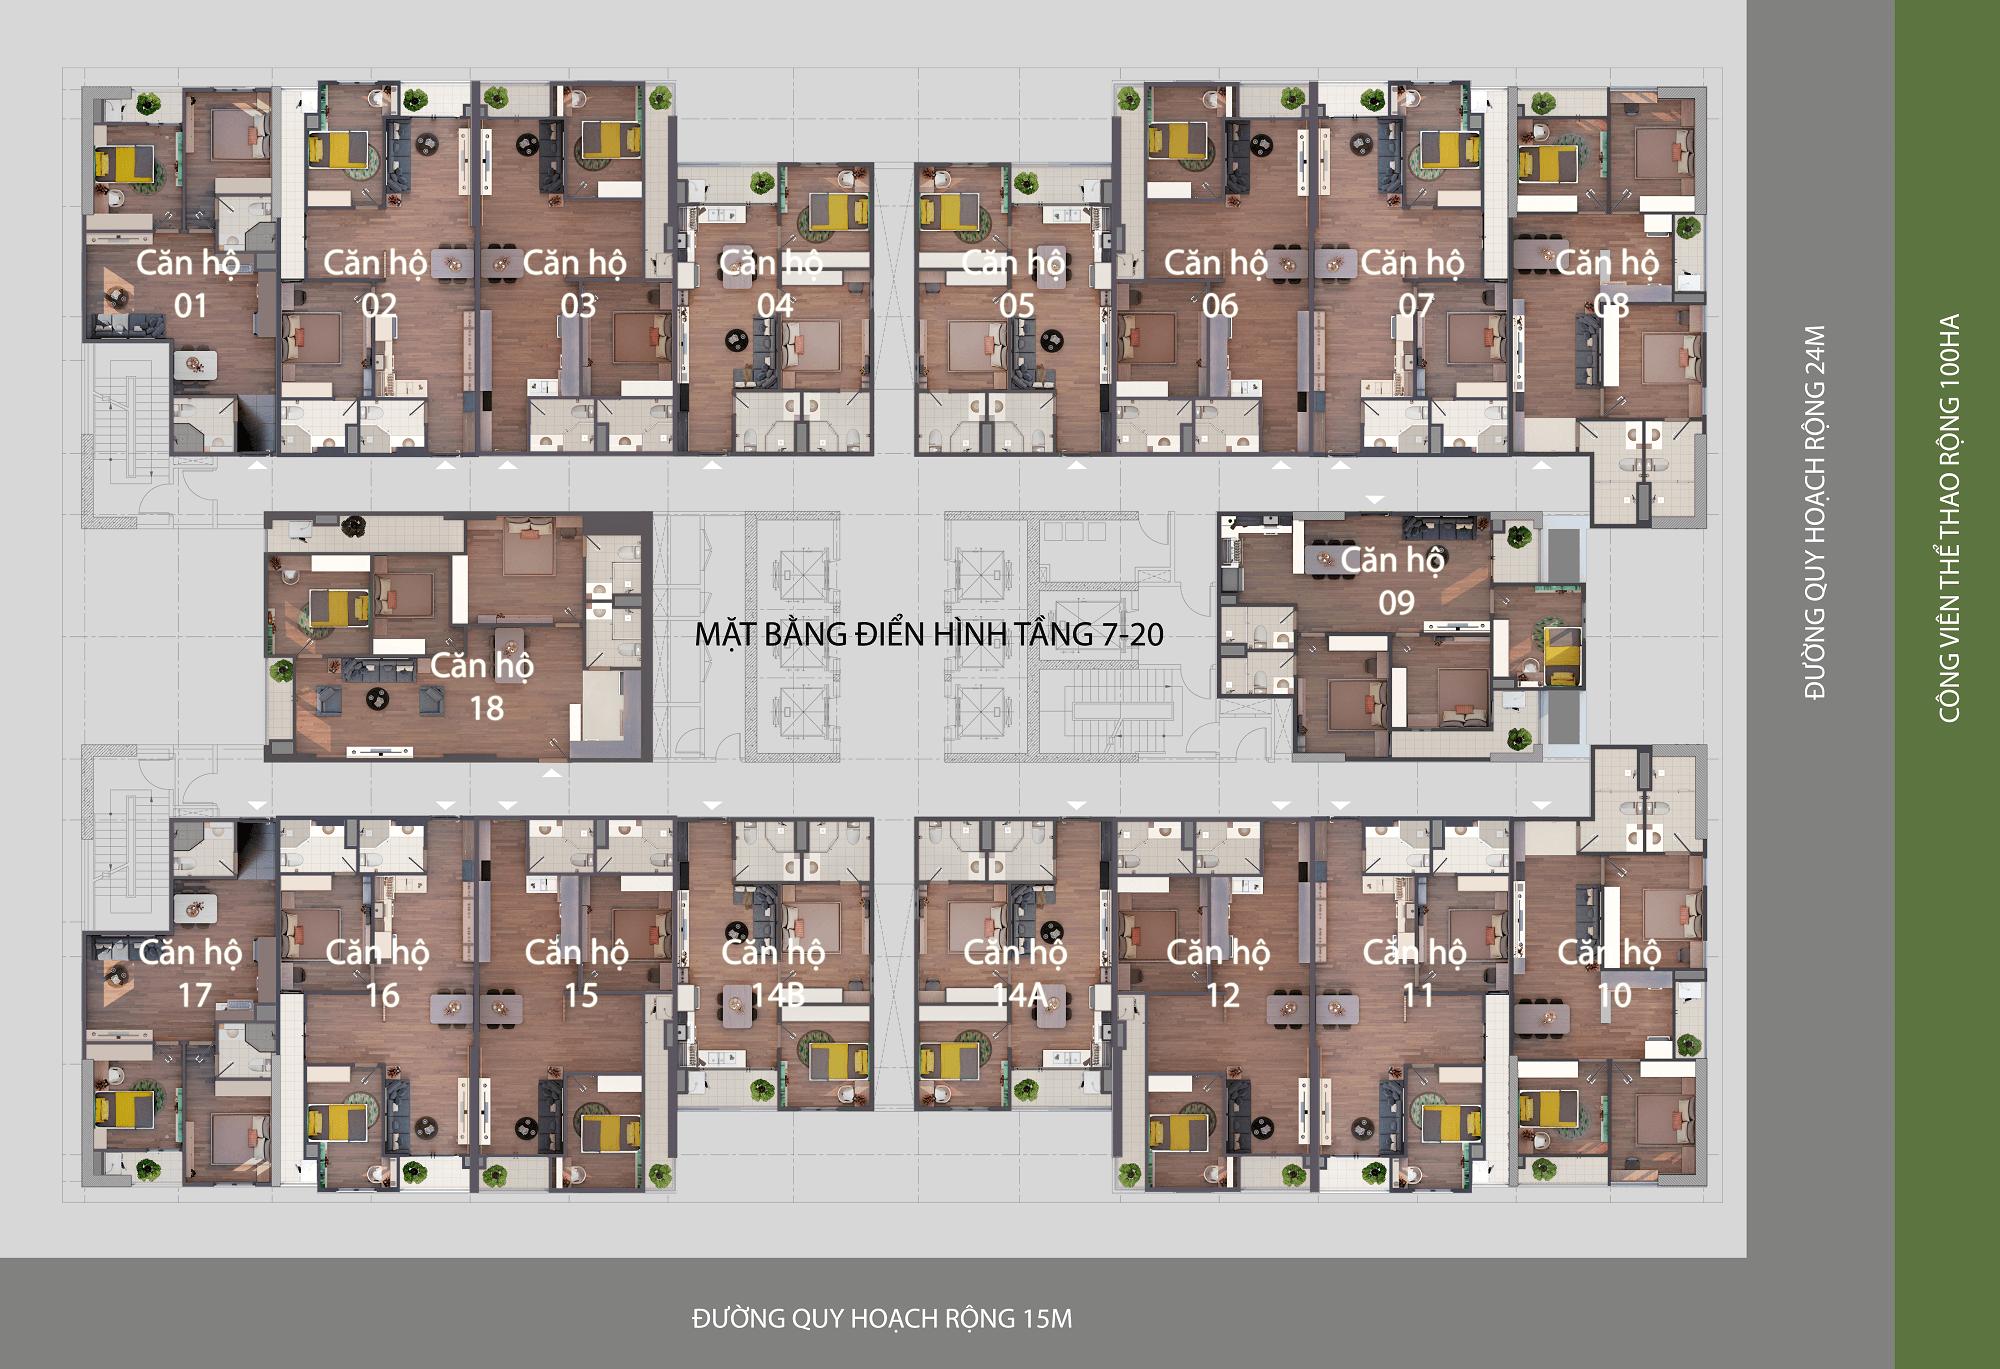 Mặt bằng điển hình căn hộ Phú Thịnh Green Park